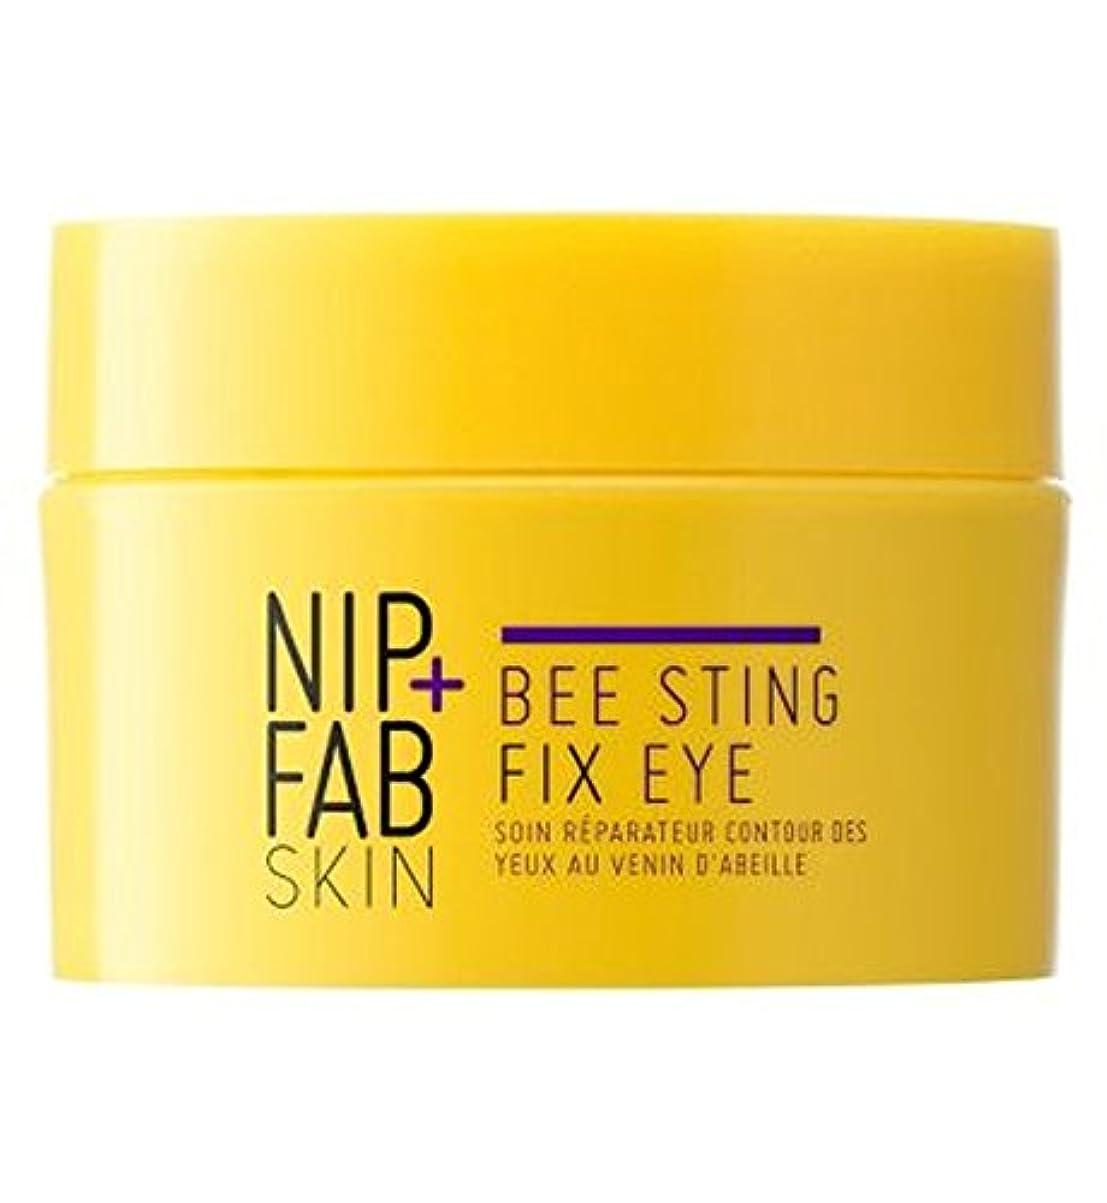 時刻表ラショナルコイル+ファブハチ刺されフィックス目の夜ニップ (Nip & Fab) (x2) - Nip+Fab Bee Sting Fix Eye Night (Pack of 2) [並行輸入品]